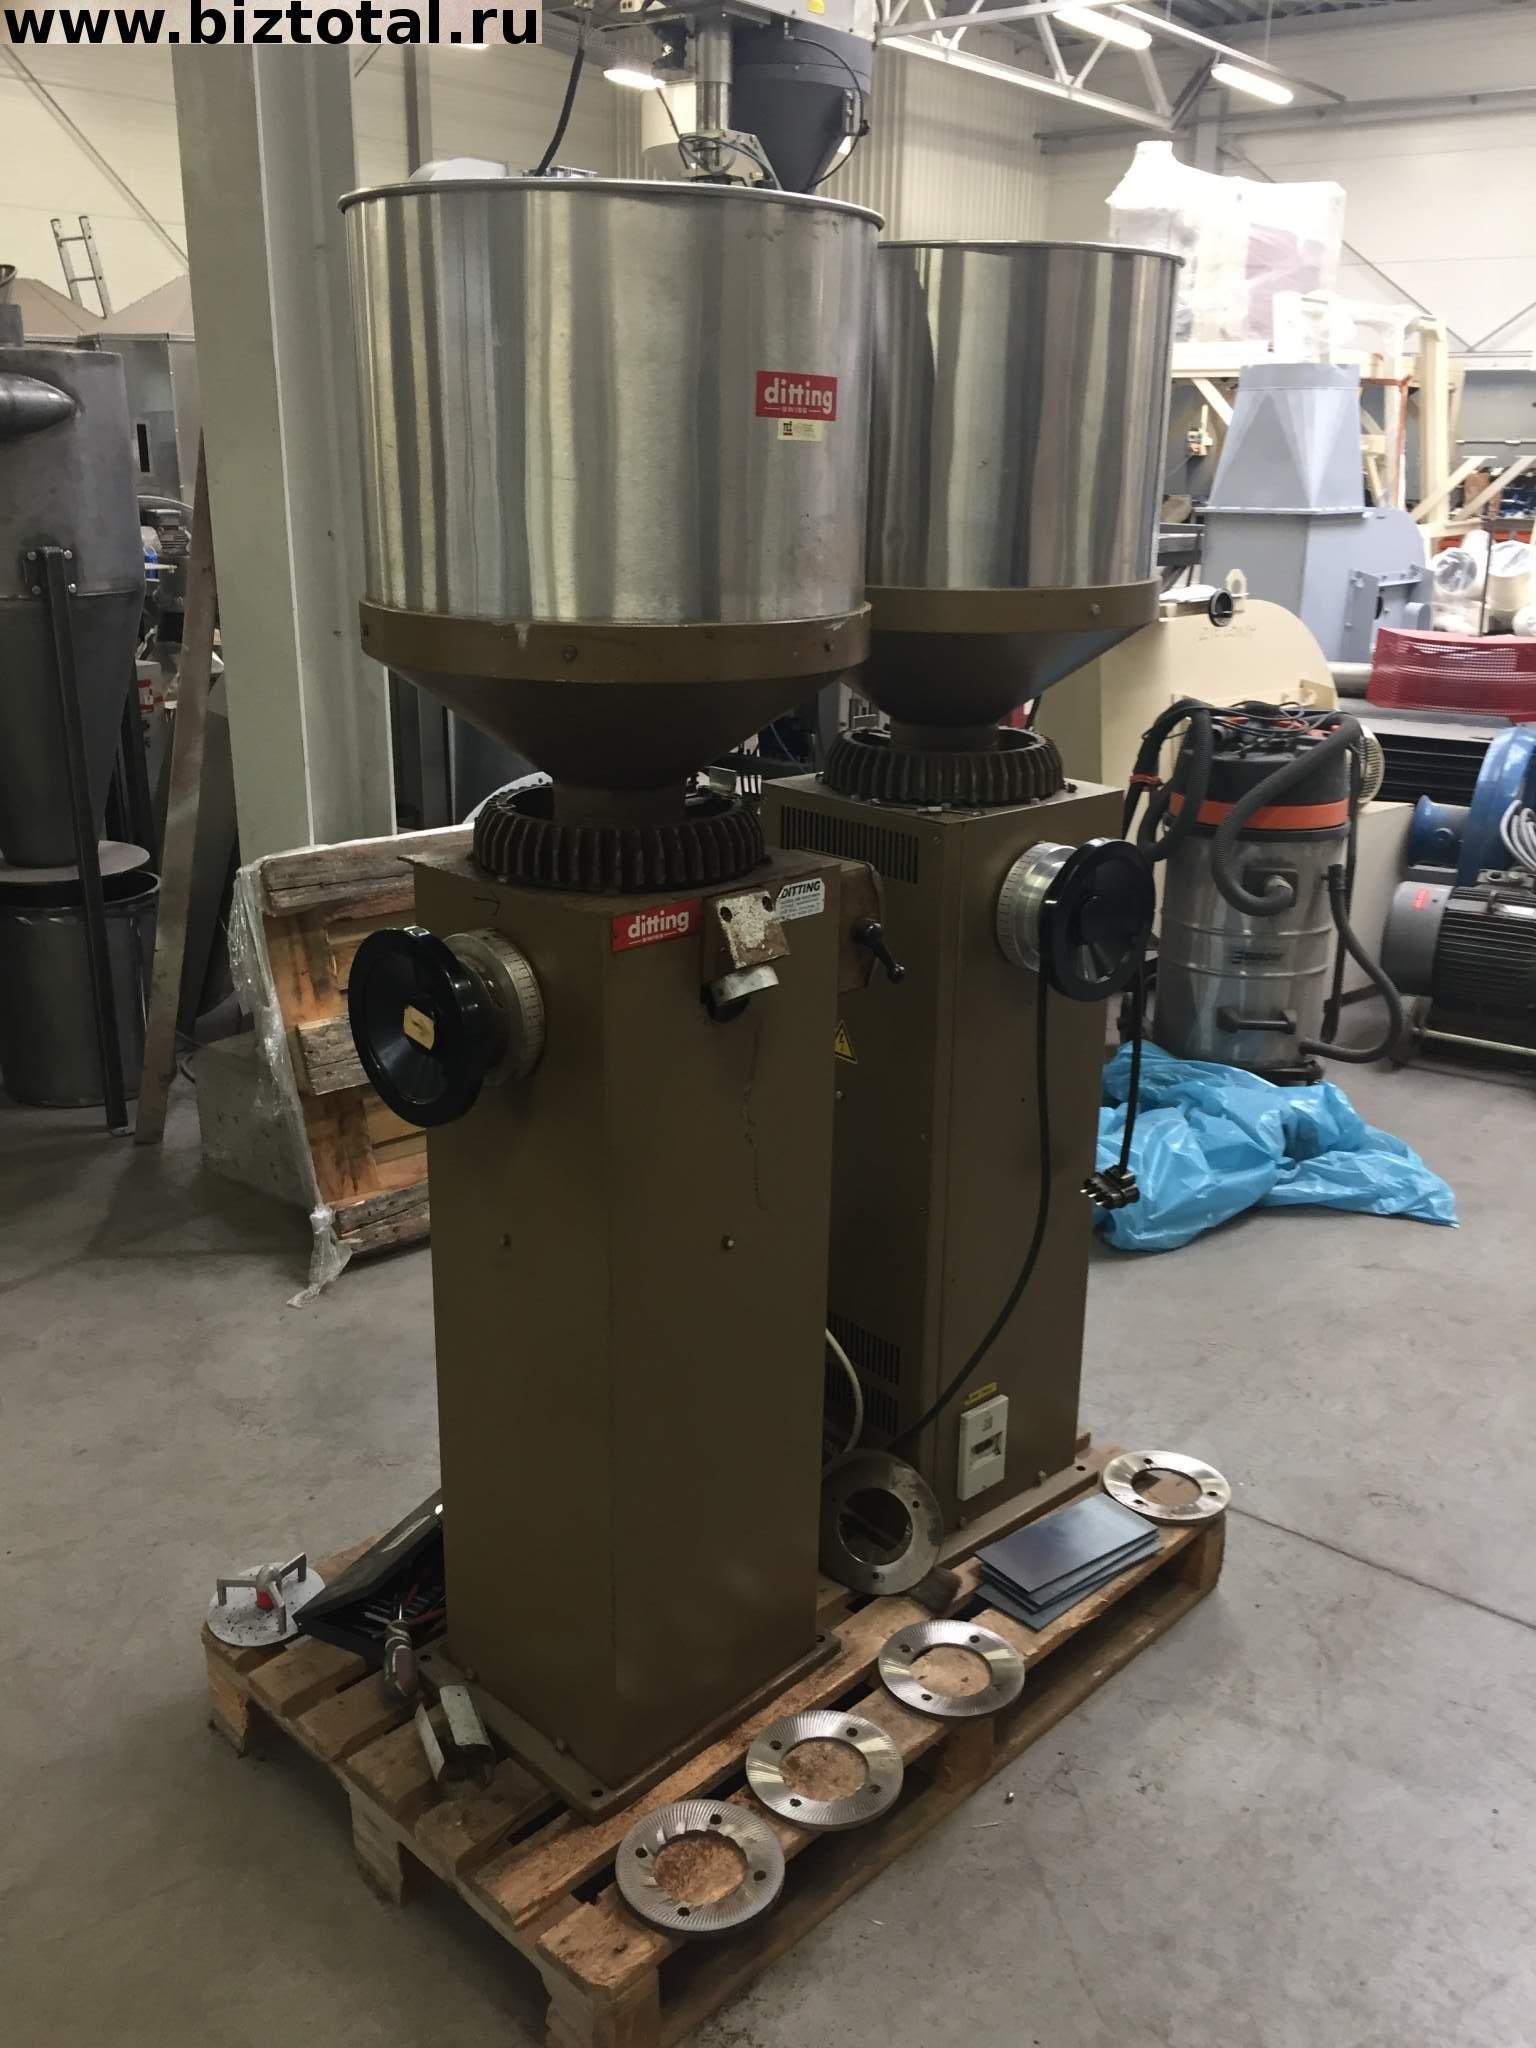 Промышленная кофемолка DITTING KF1800